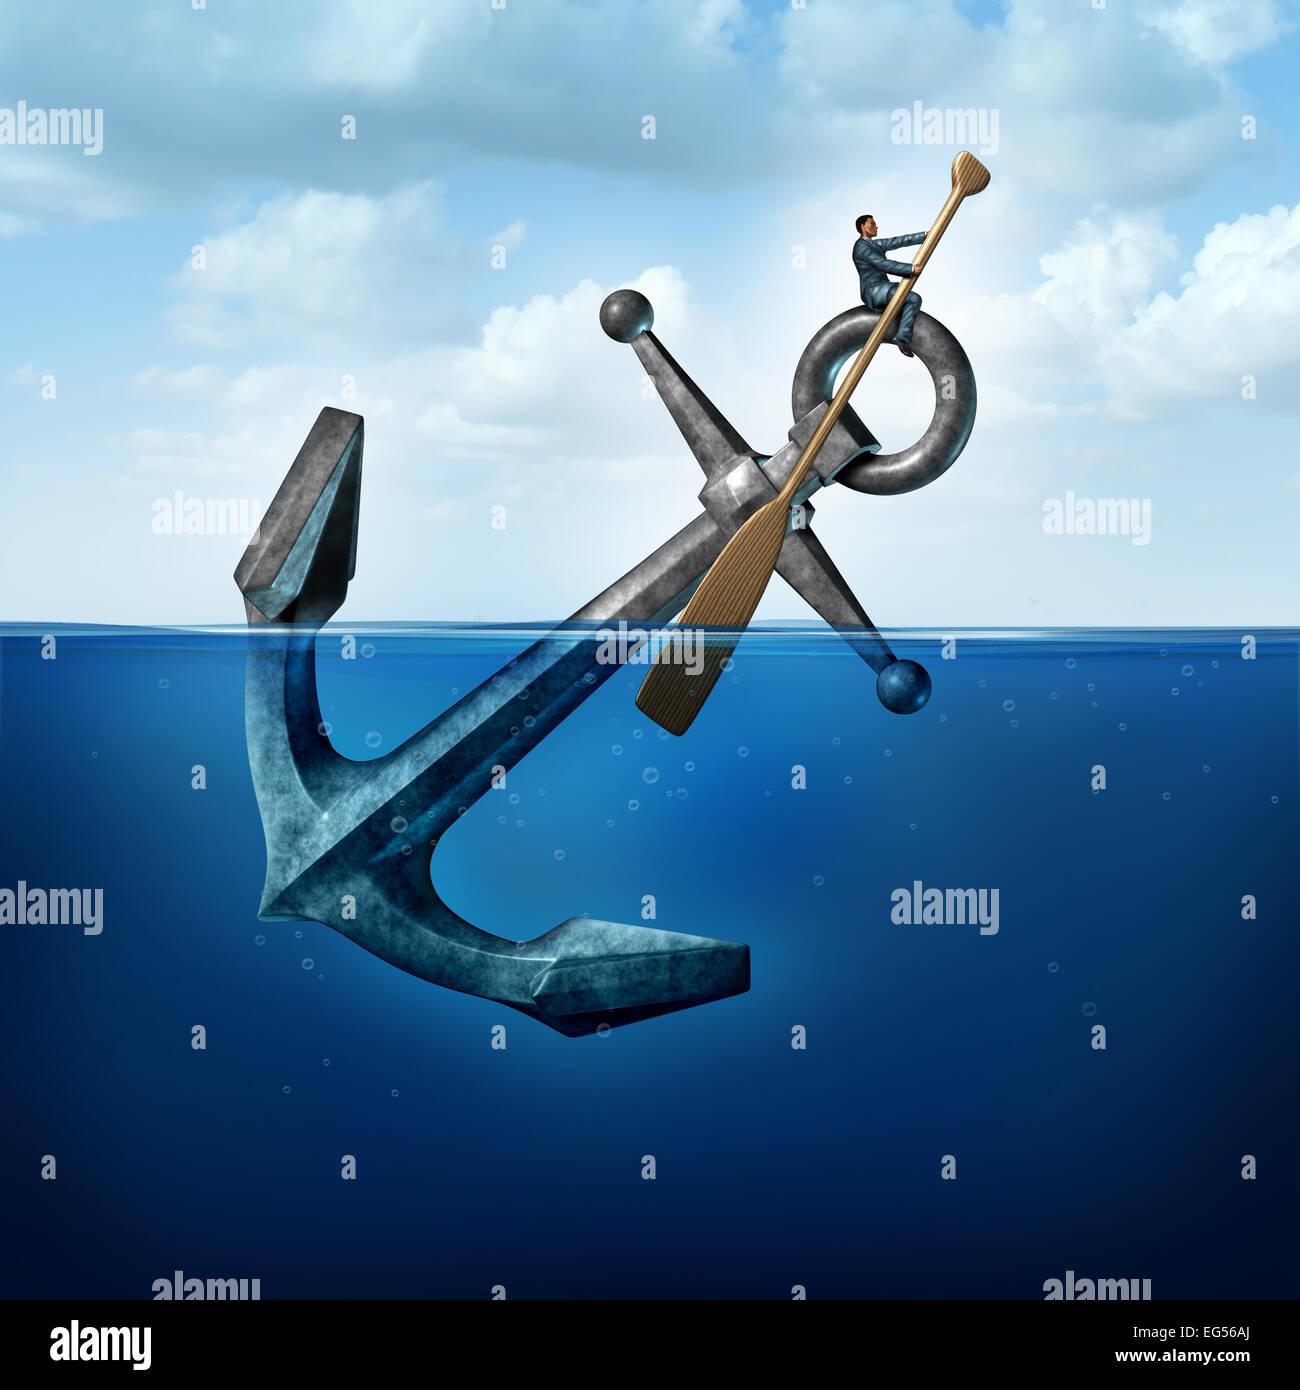 La pensée positive et la résilience concept d'affaires avec une personne sur une ancre flottante avec Photo Stock